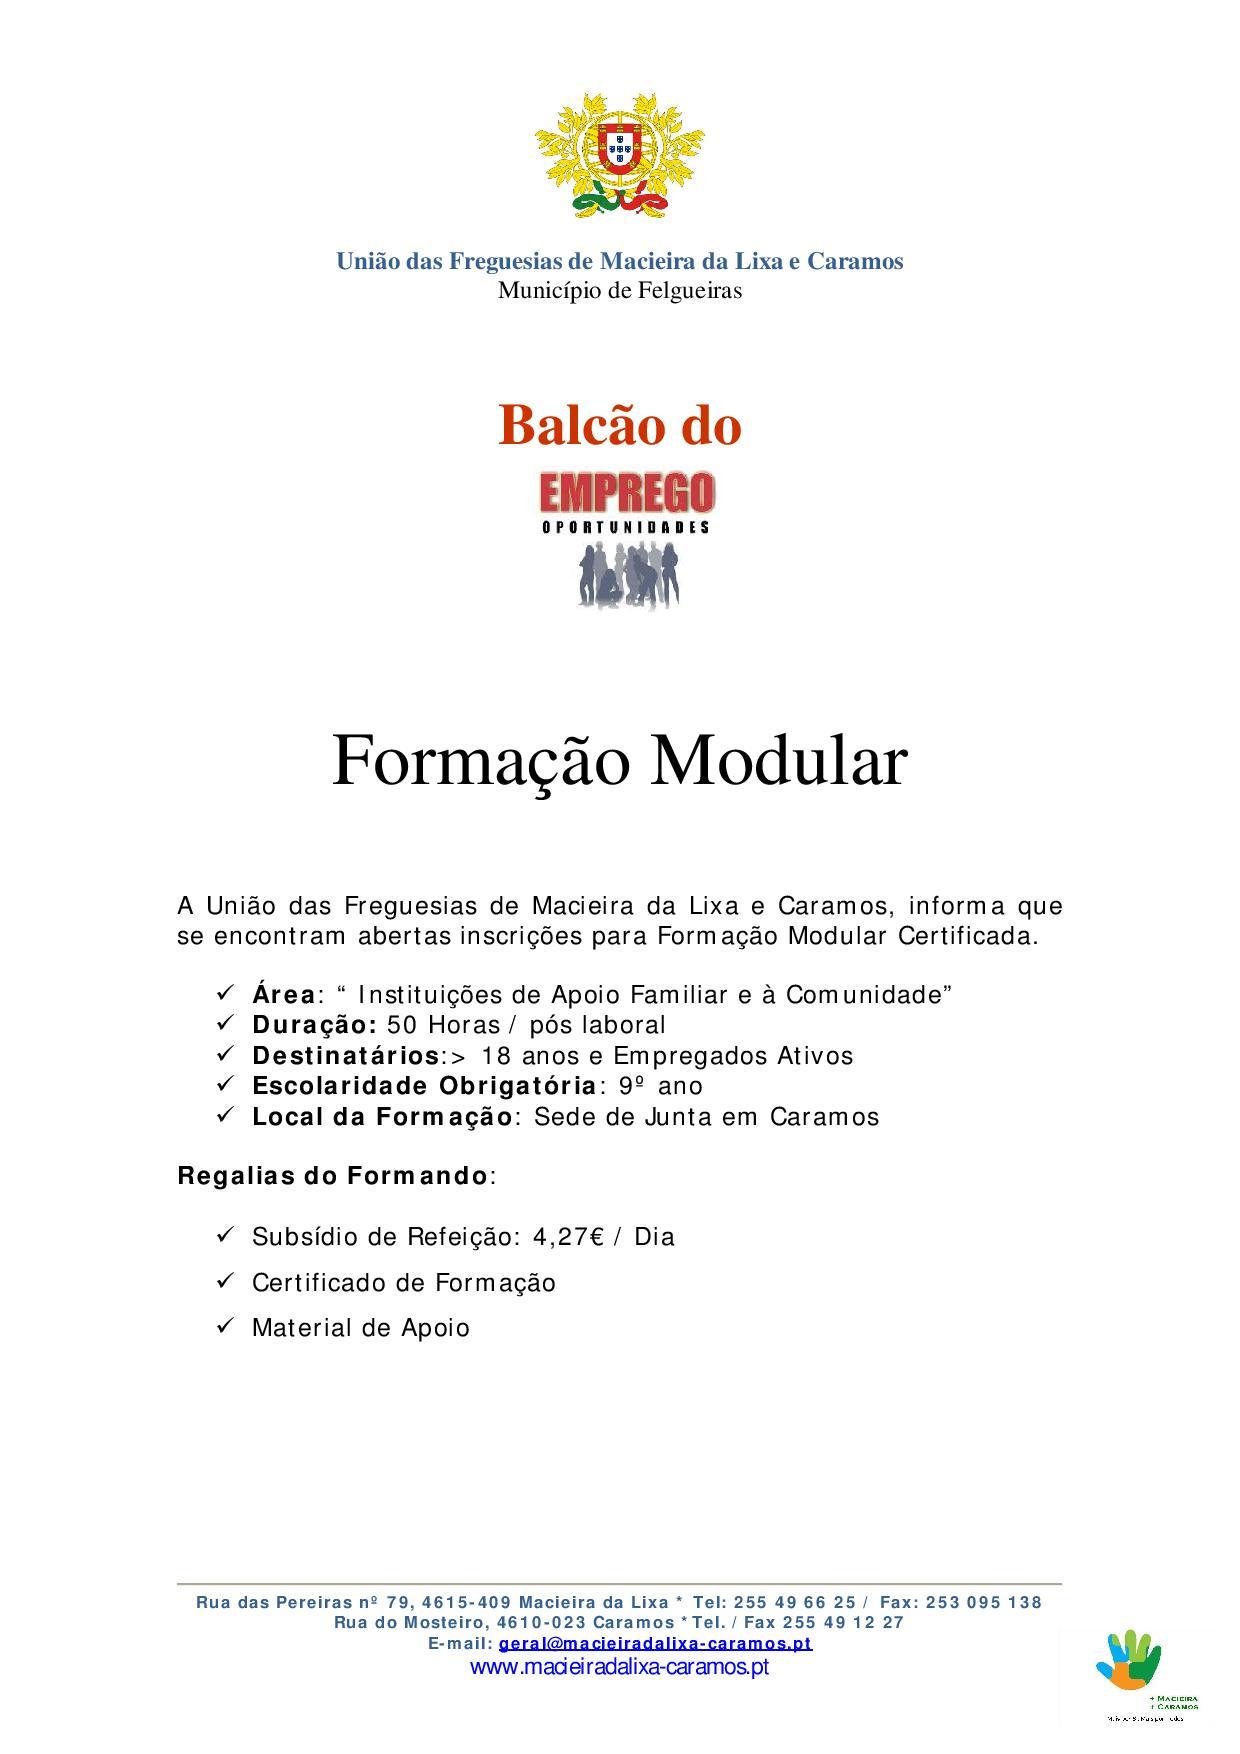 Formação Modular-Instituições de Apoio Familiar e à Comunidade